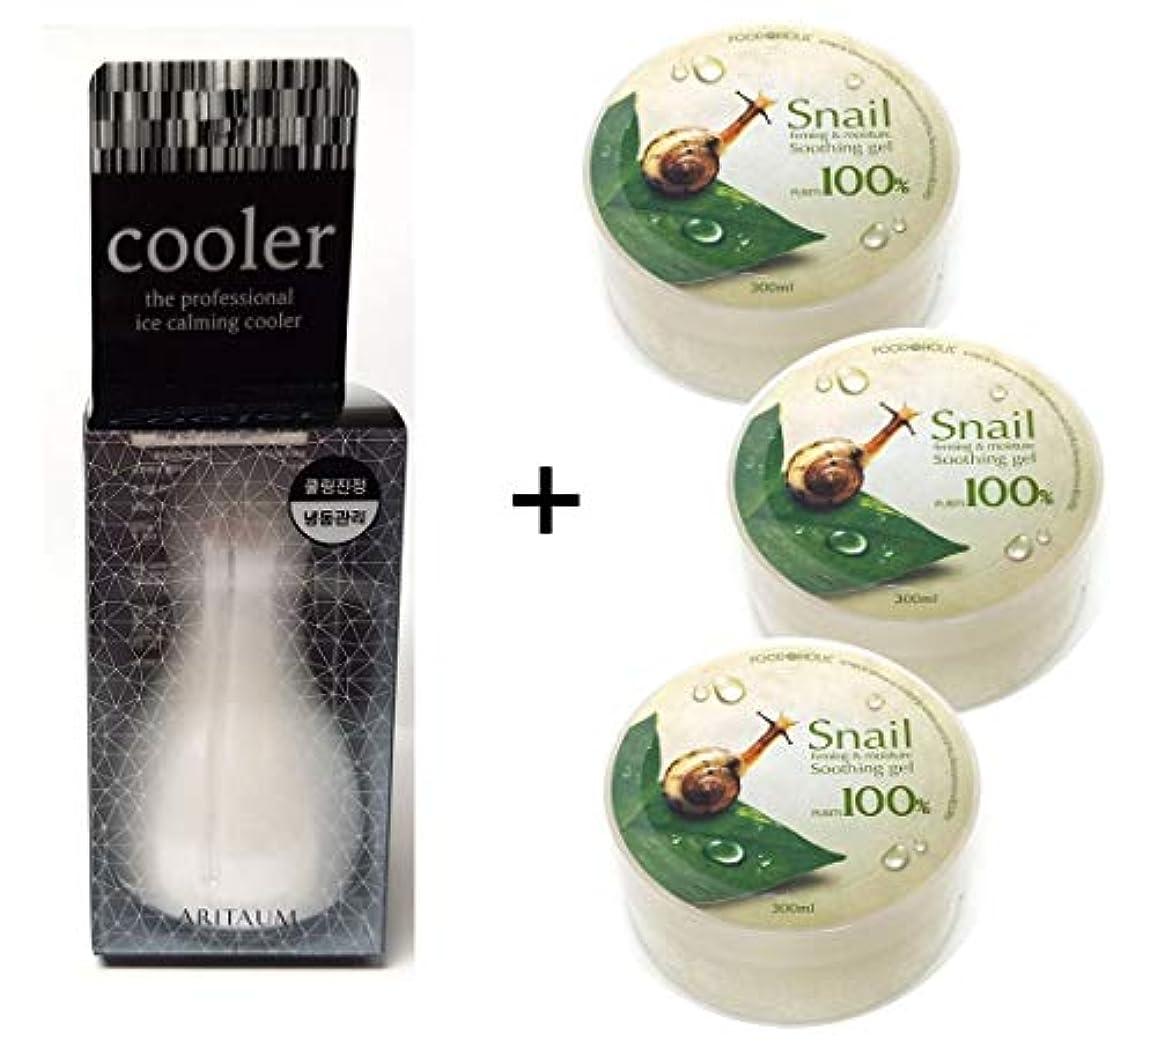 すでにするだろう結紮[Aritaum]アイスカミングクーラー1EA + カタツムリスージングジェル3EA / Ice Calming Cooler 1EA + Snail Soothing gel 3EA / フェイスボディクール冷凍/スキンマッサージ...